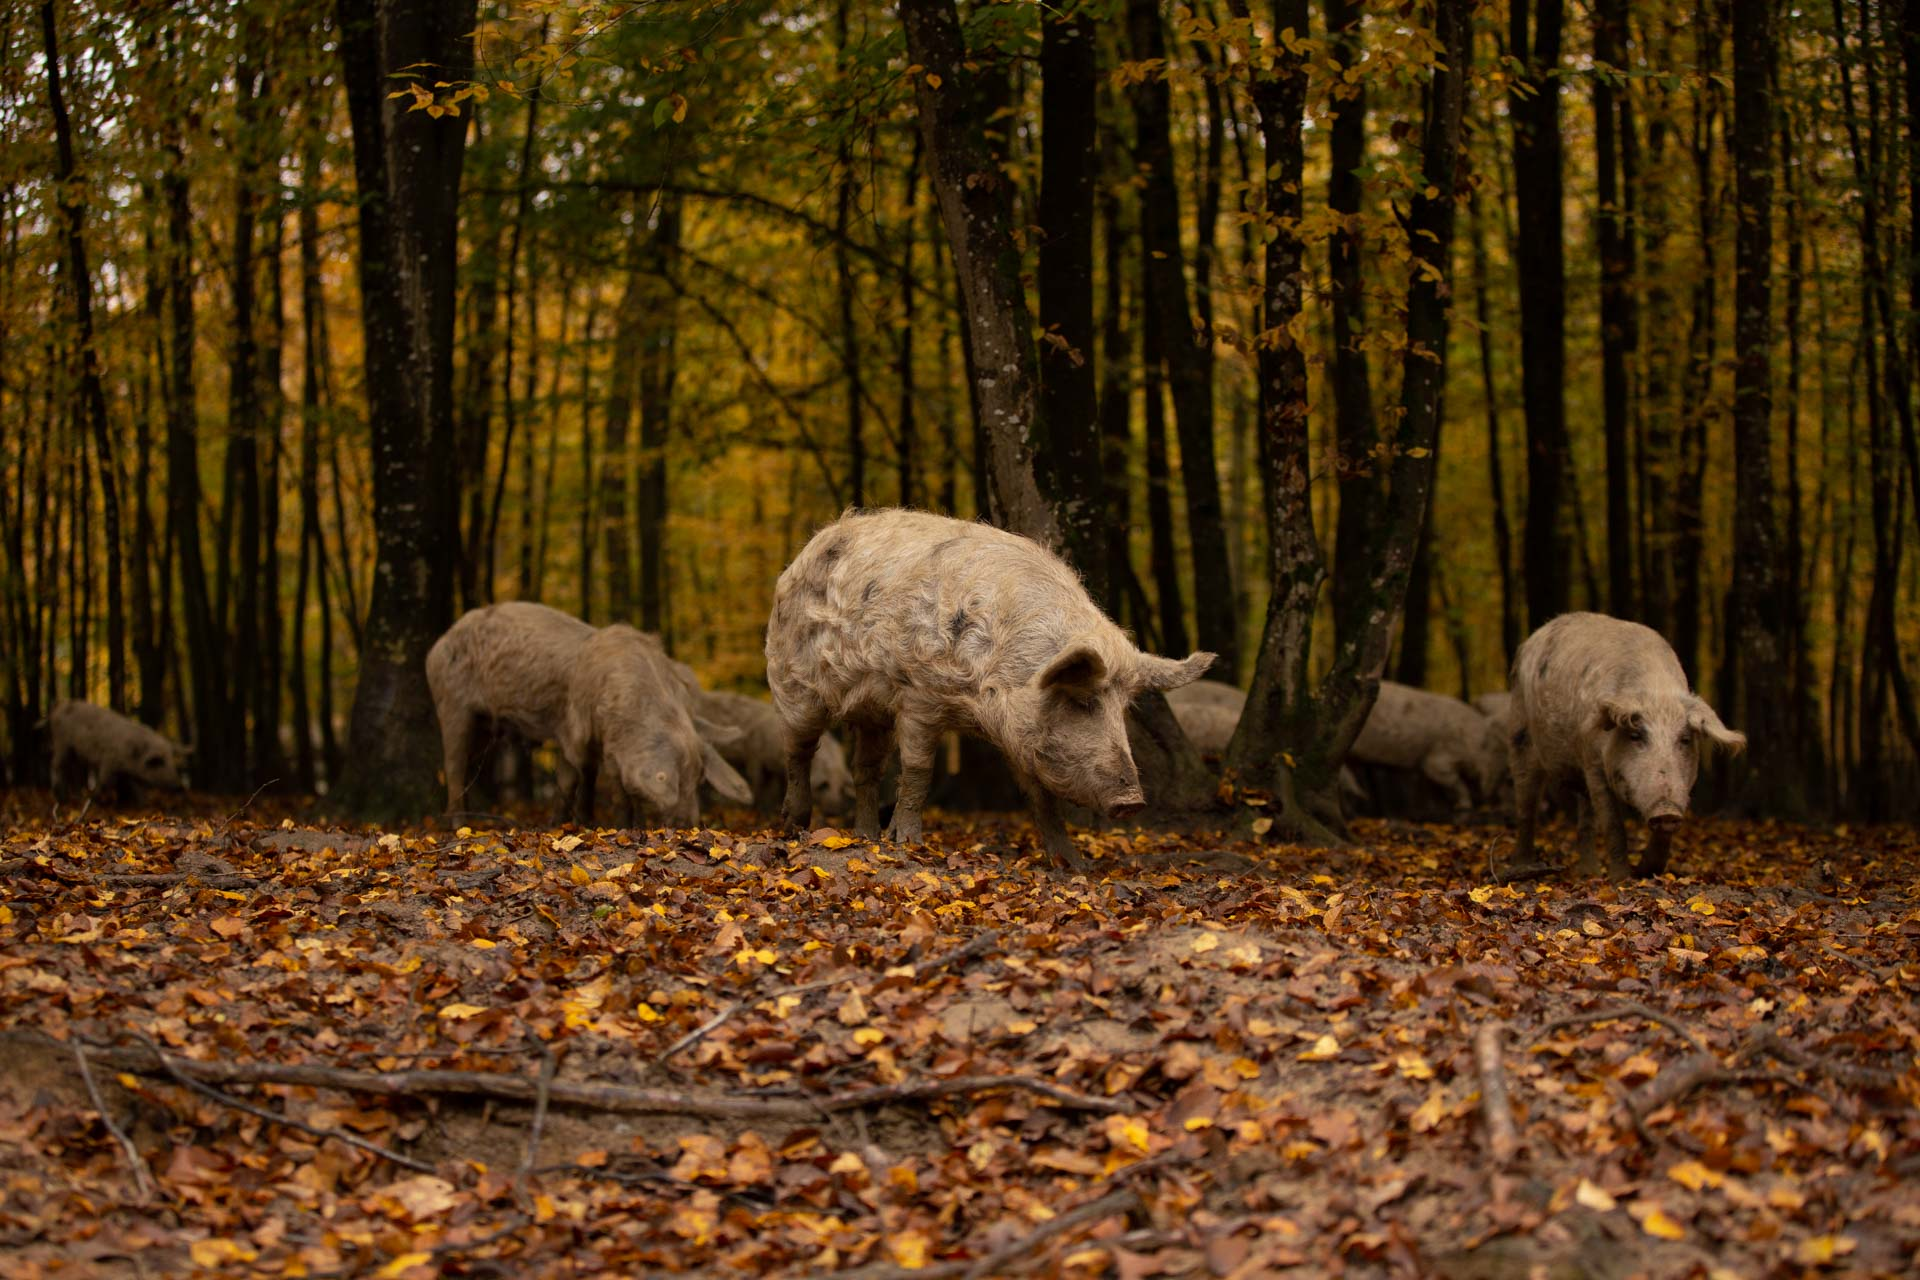 Korak bliže Oznaci izvornosti za meso turopoljske svinje